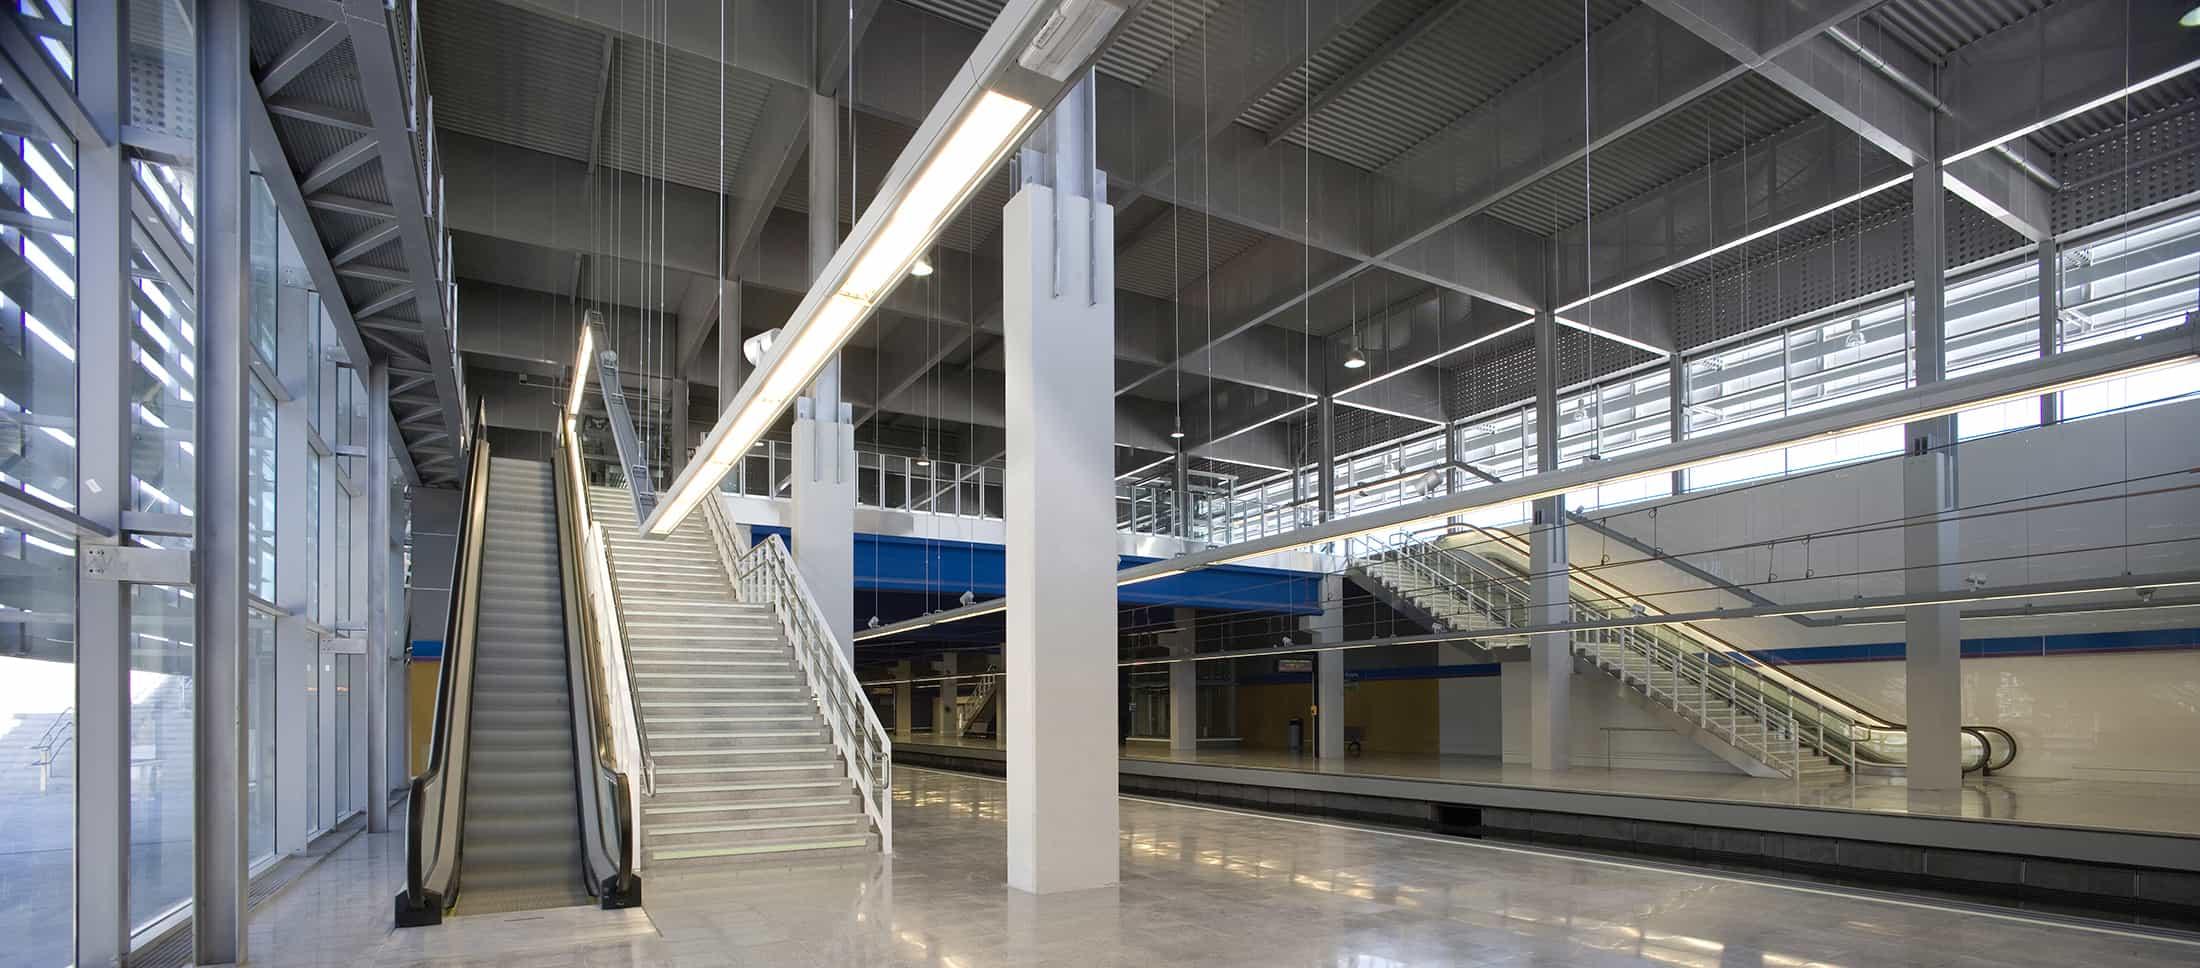 Estación METRO de Madrid - andenes -arquitectura transporte - Estación METRO de MADRID_LGV+LANDINEZ+REY | equipo L2G arquitectos, slp [ eL2Gaa ]